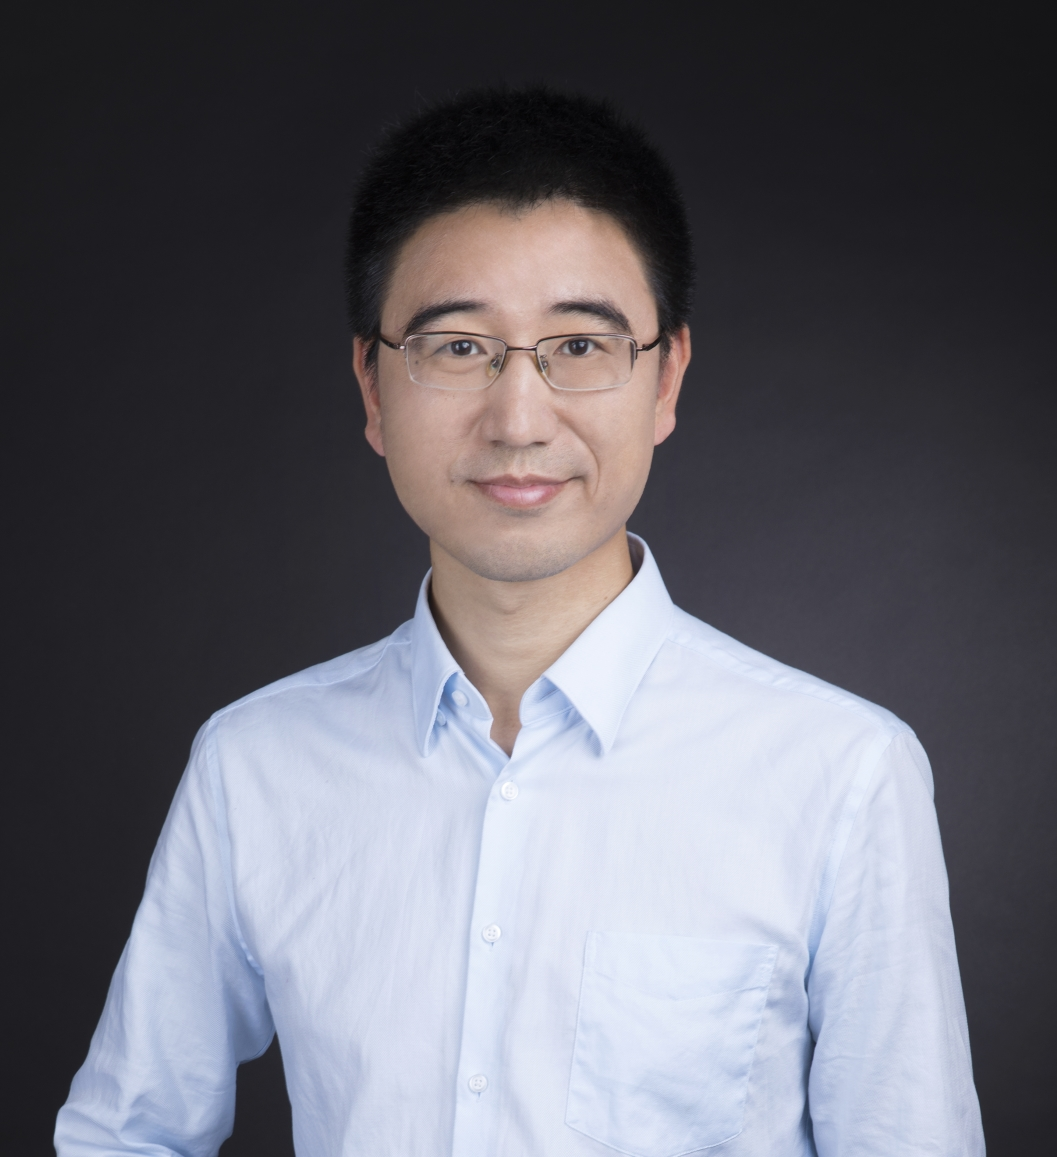 【专访】圣剑网络董事长CEO龚静毅:做电视端游戏解决方更是推动方